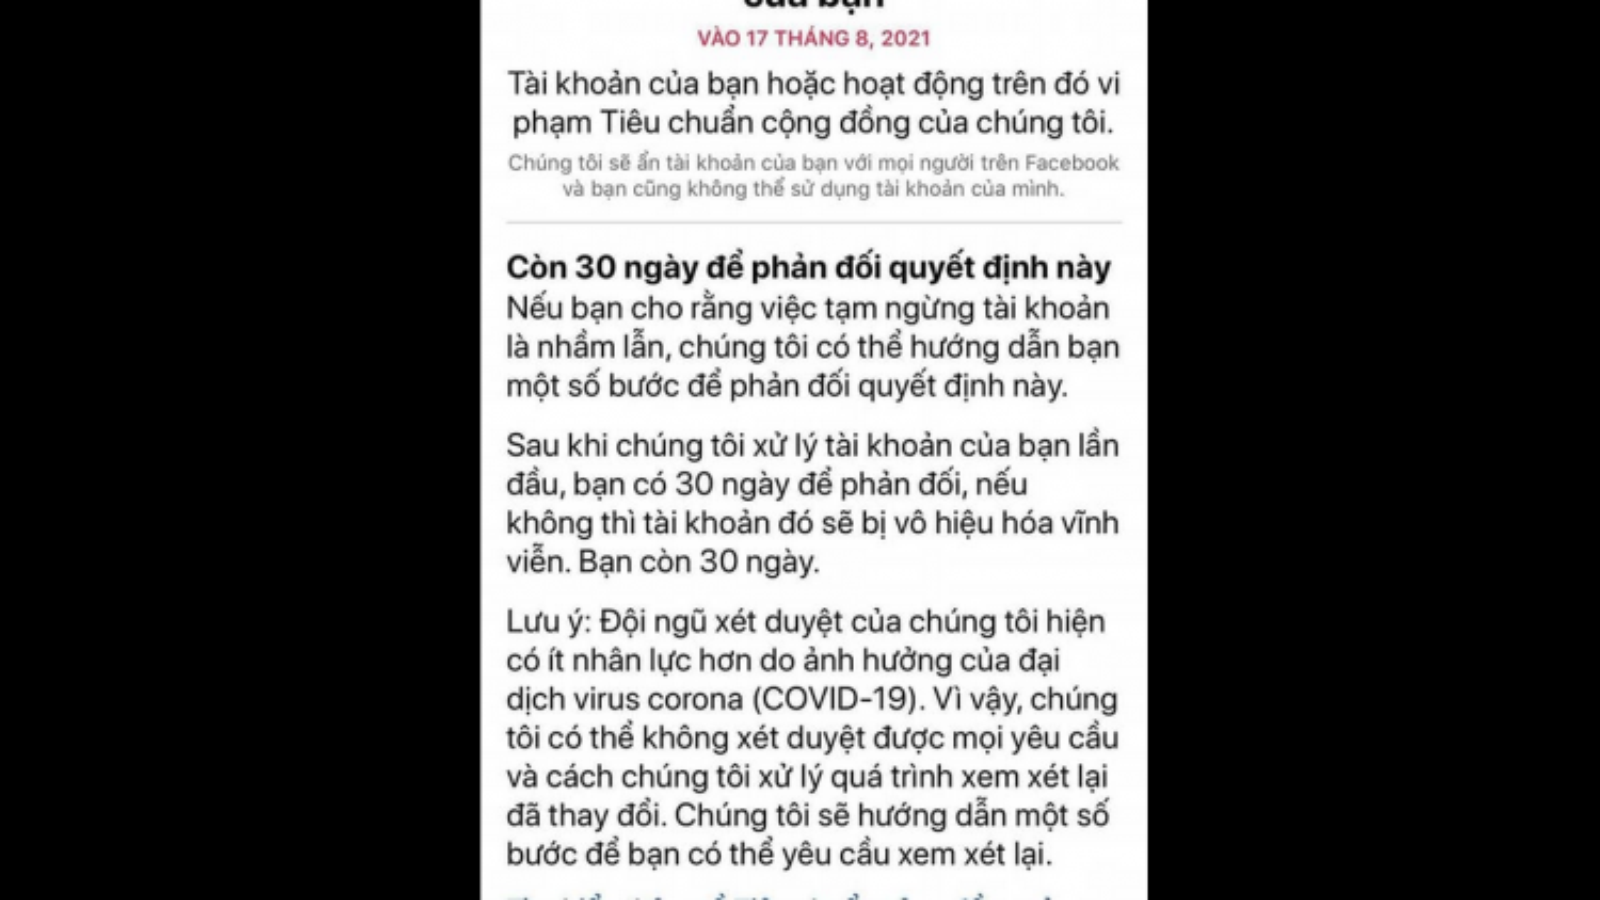 Hàng loạt tài khoản Facebook tại Việt Nam bị khóa sau một đêm